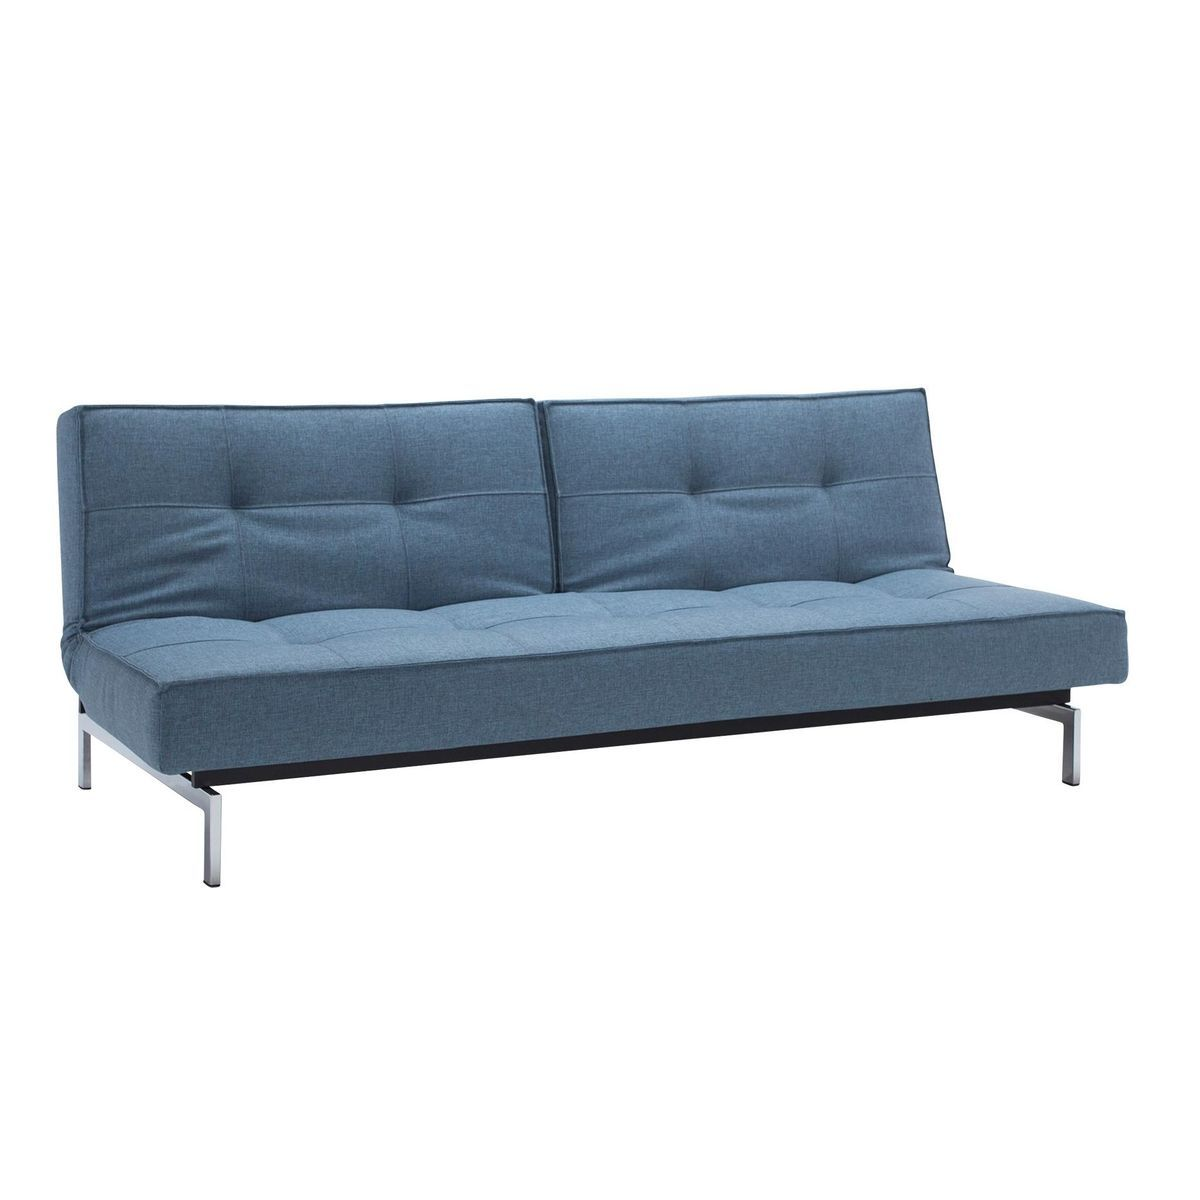 Beeindruckend Couch Hellblau Das Beste Von Innovation - Splitback Schlafsofa - Hellblau/stoff 525